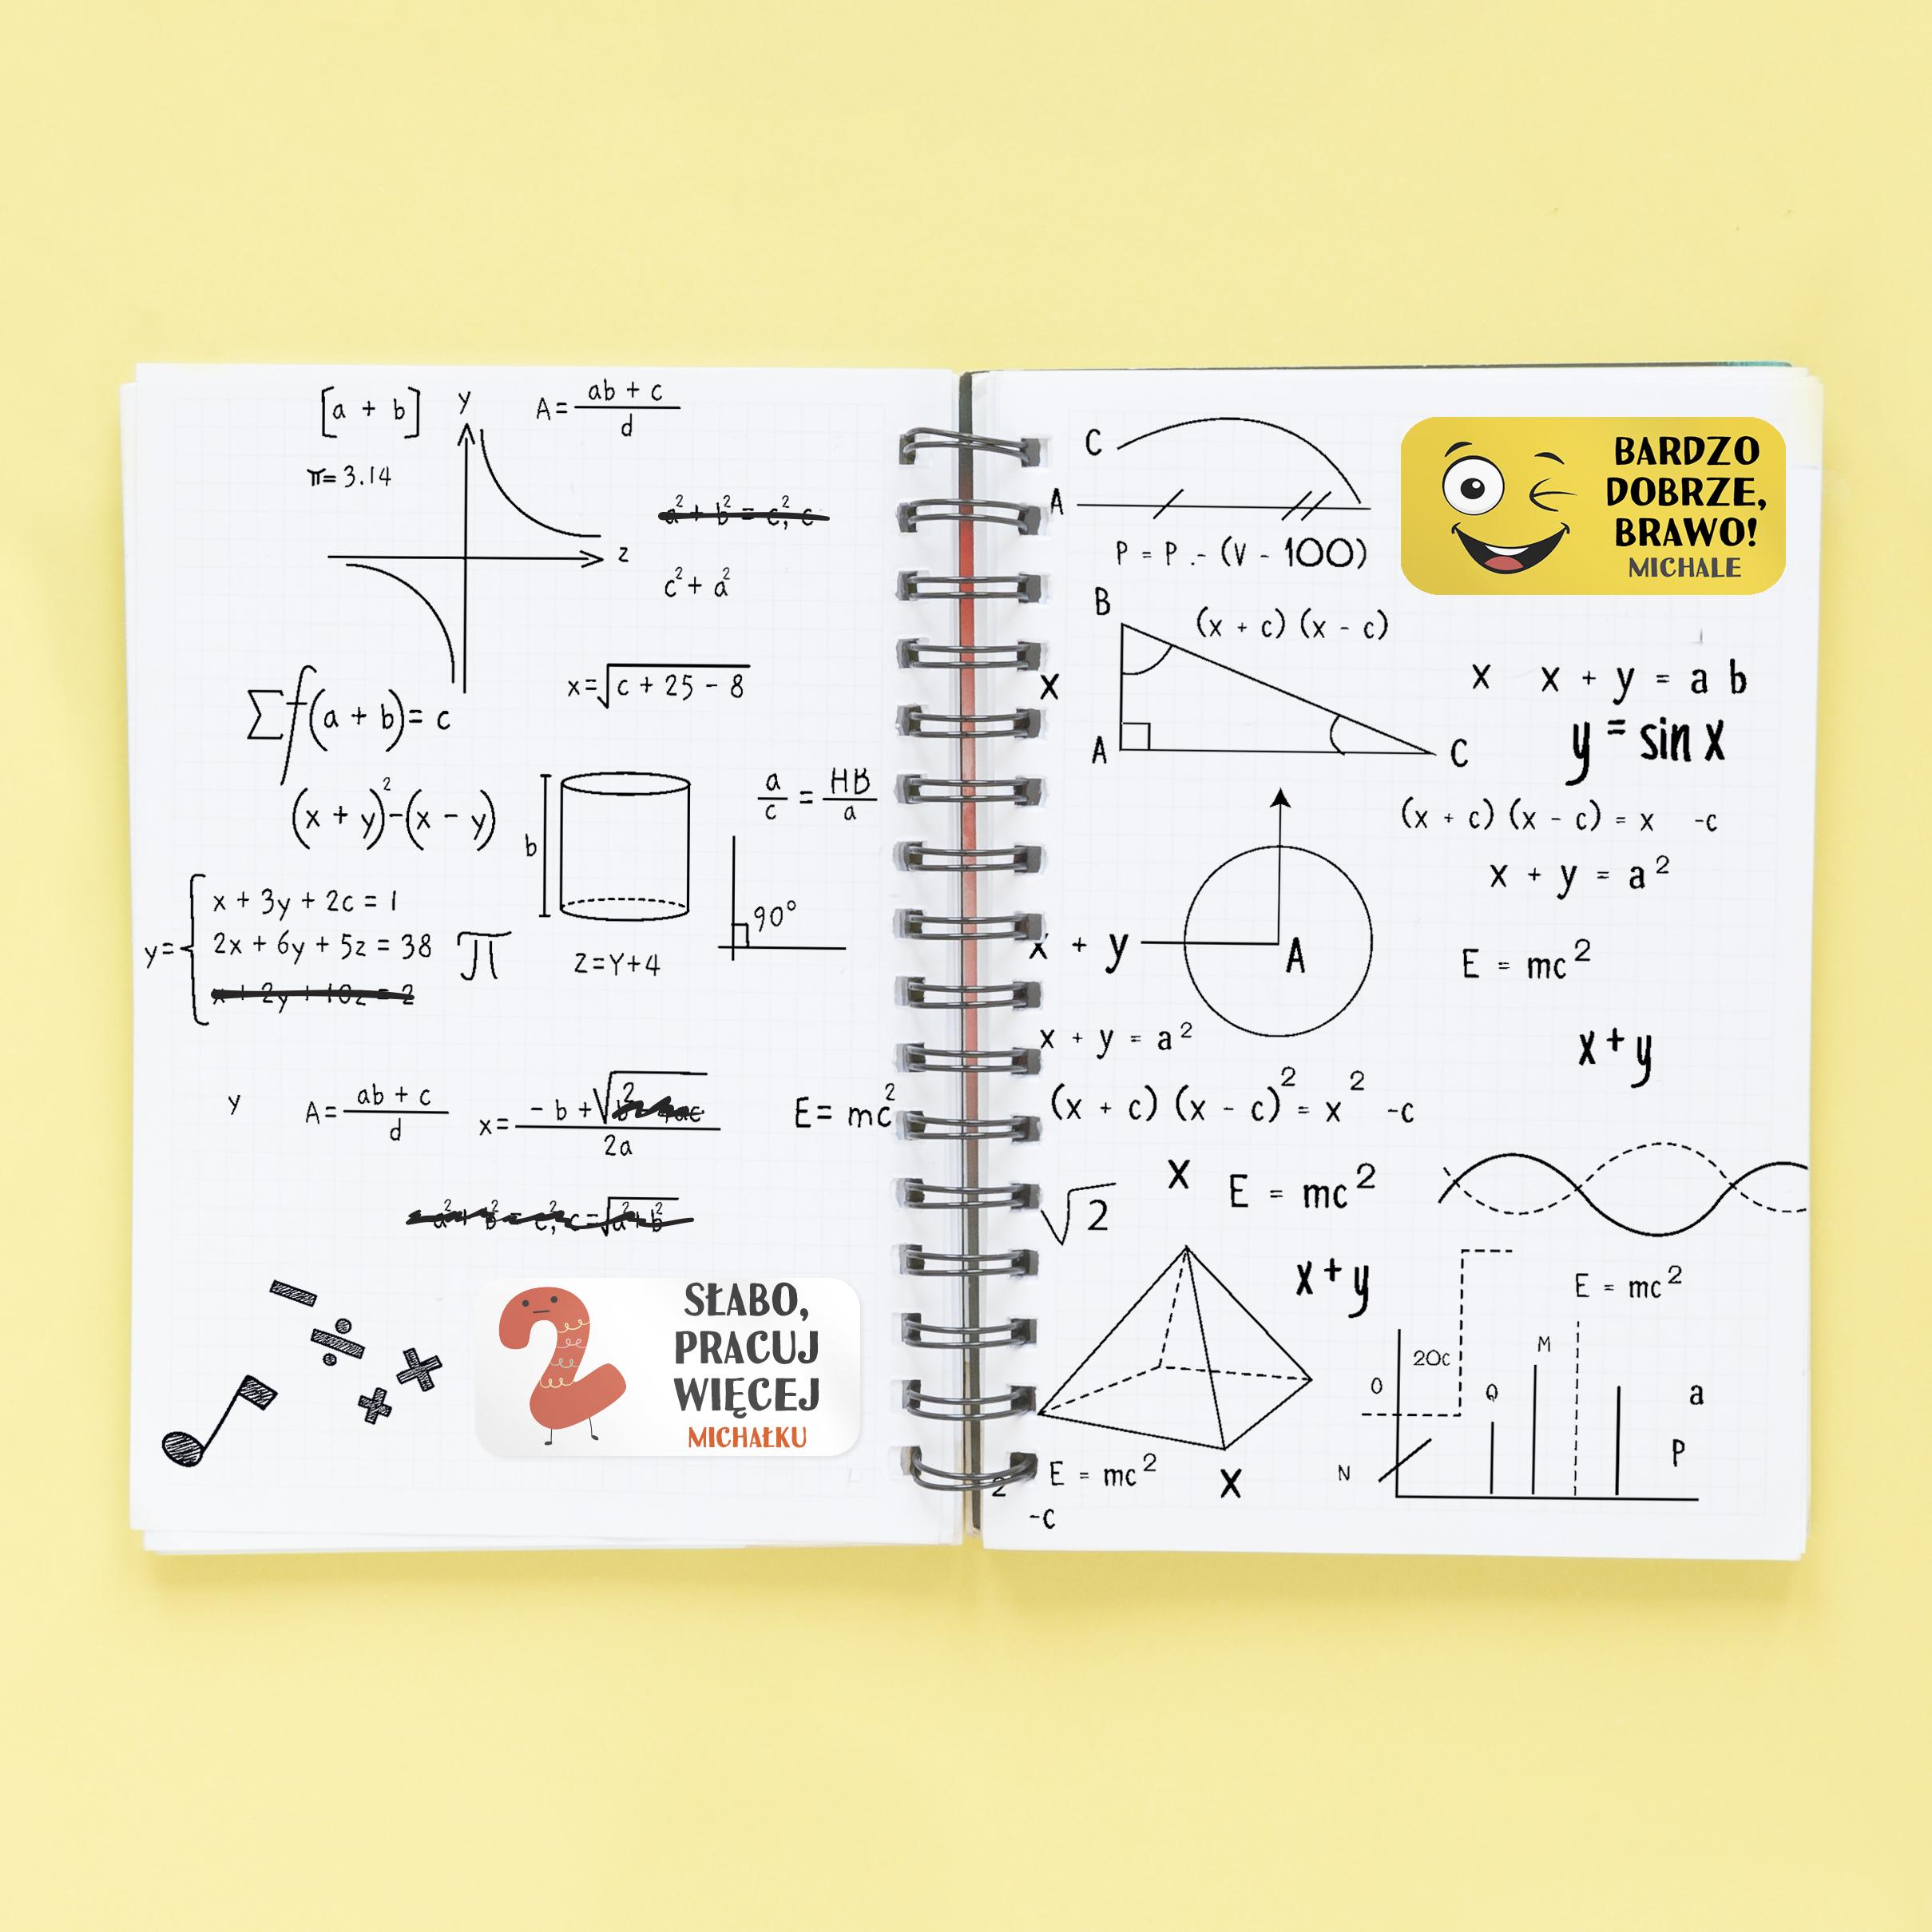 Naklejki motywacyjne dla dzieci z imieniem prostokątne oceny dobrze brawo